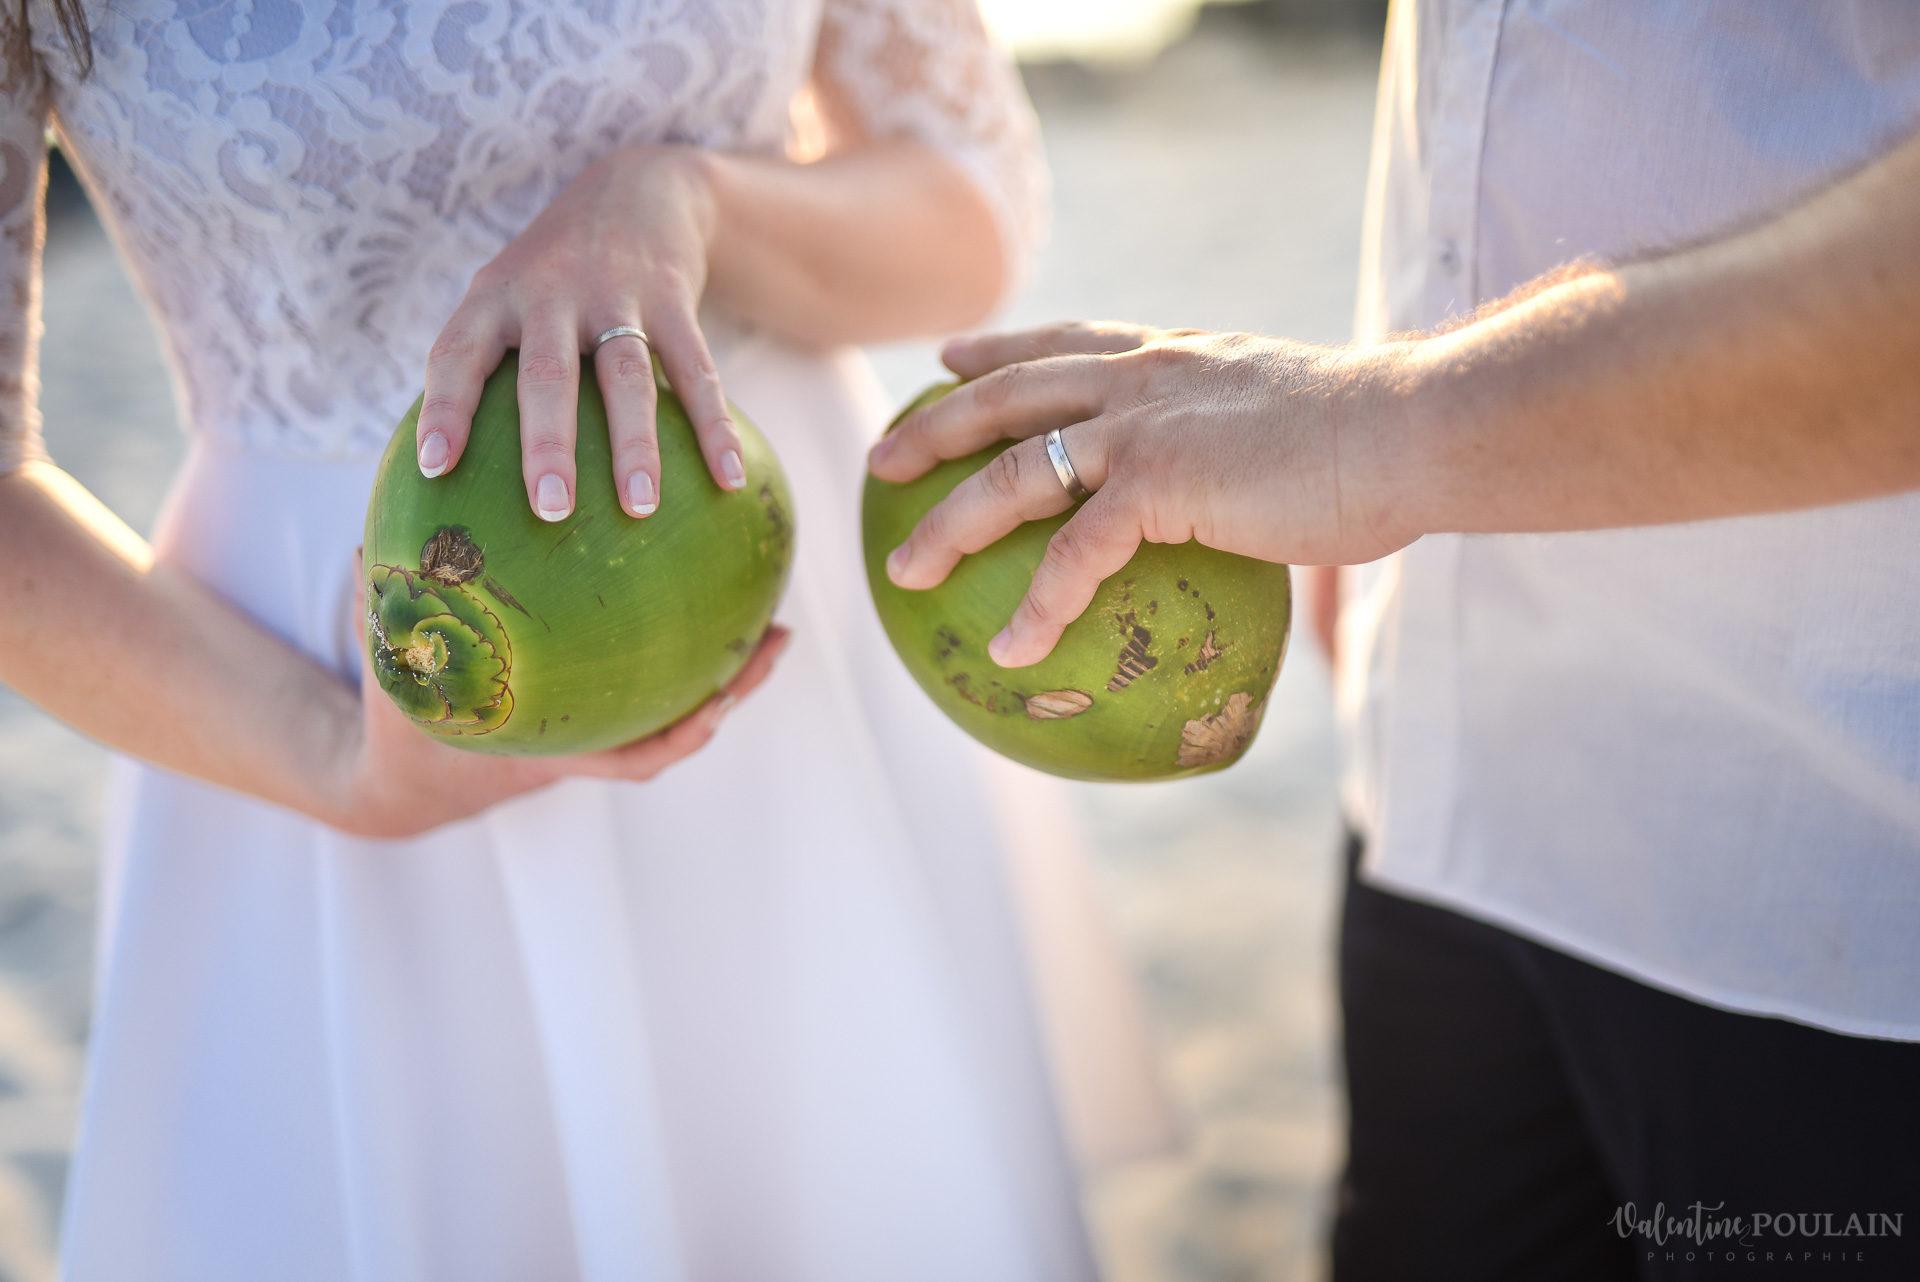 Cocos mains bagues - Valentine Poulain